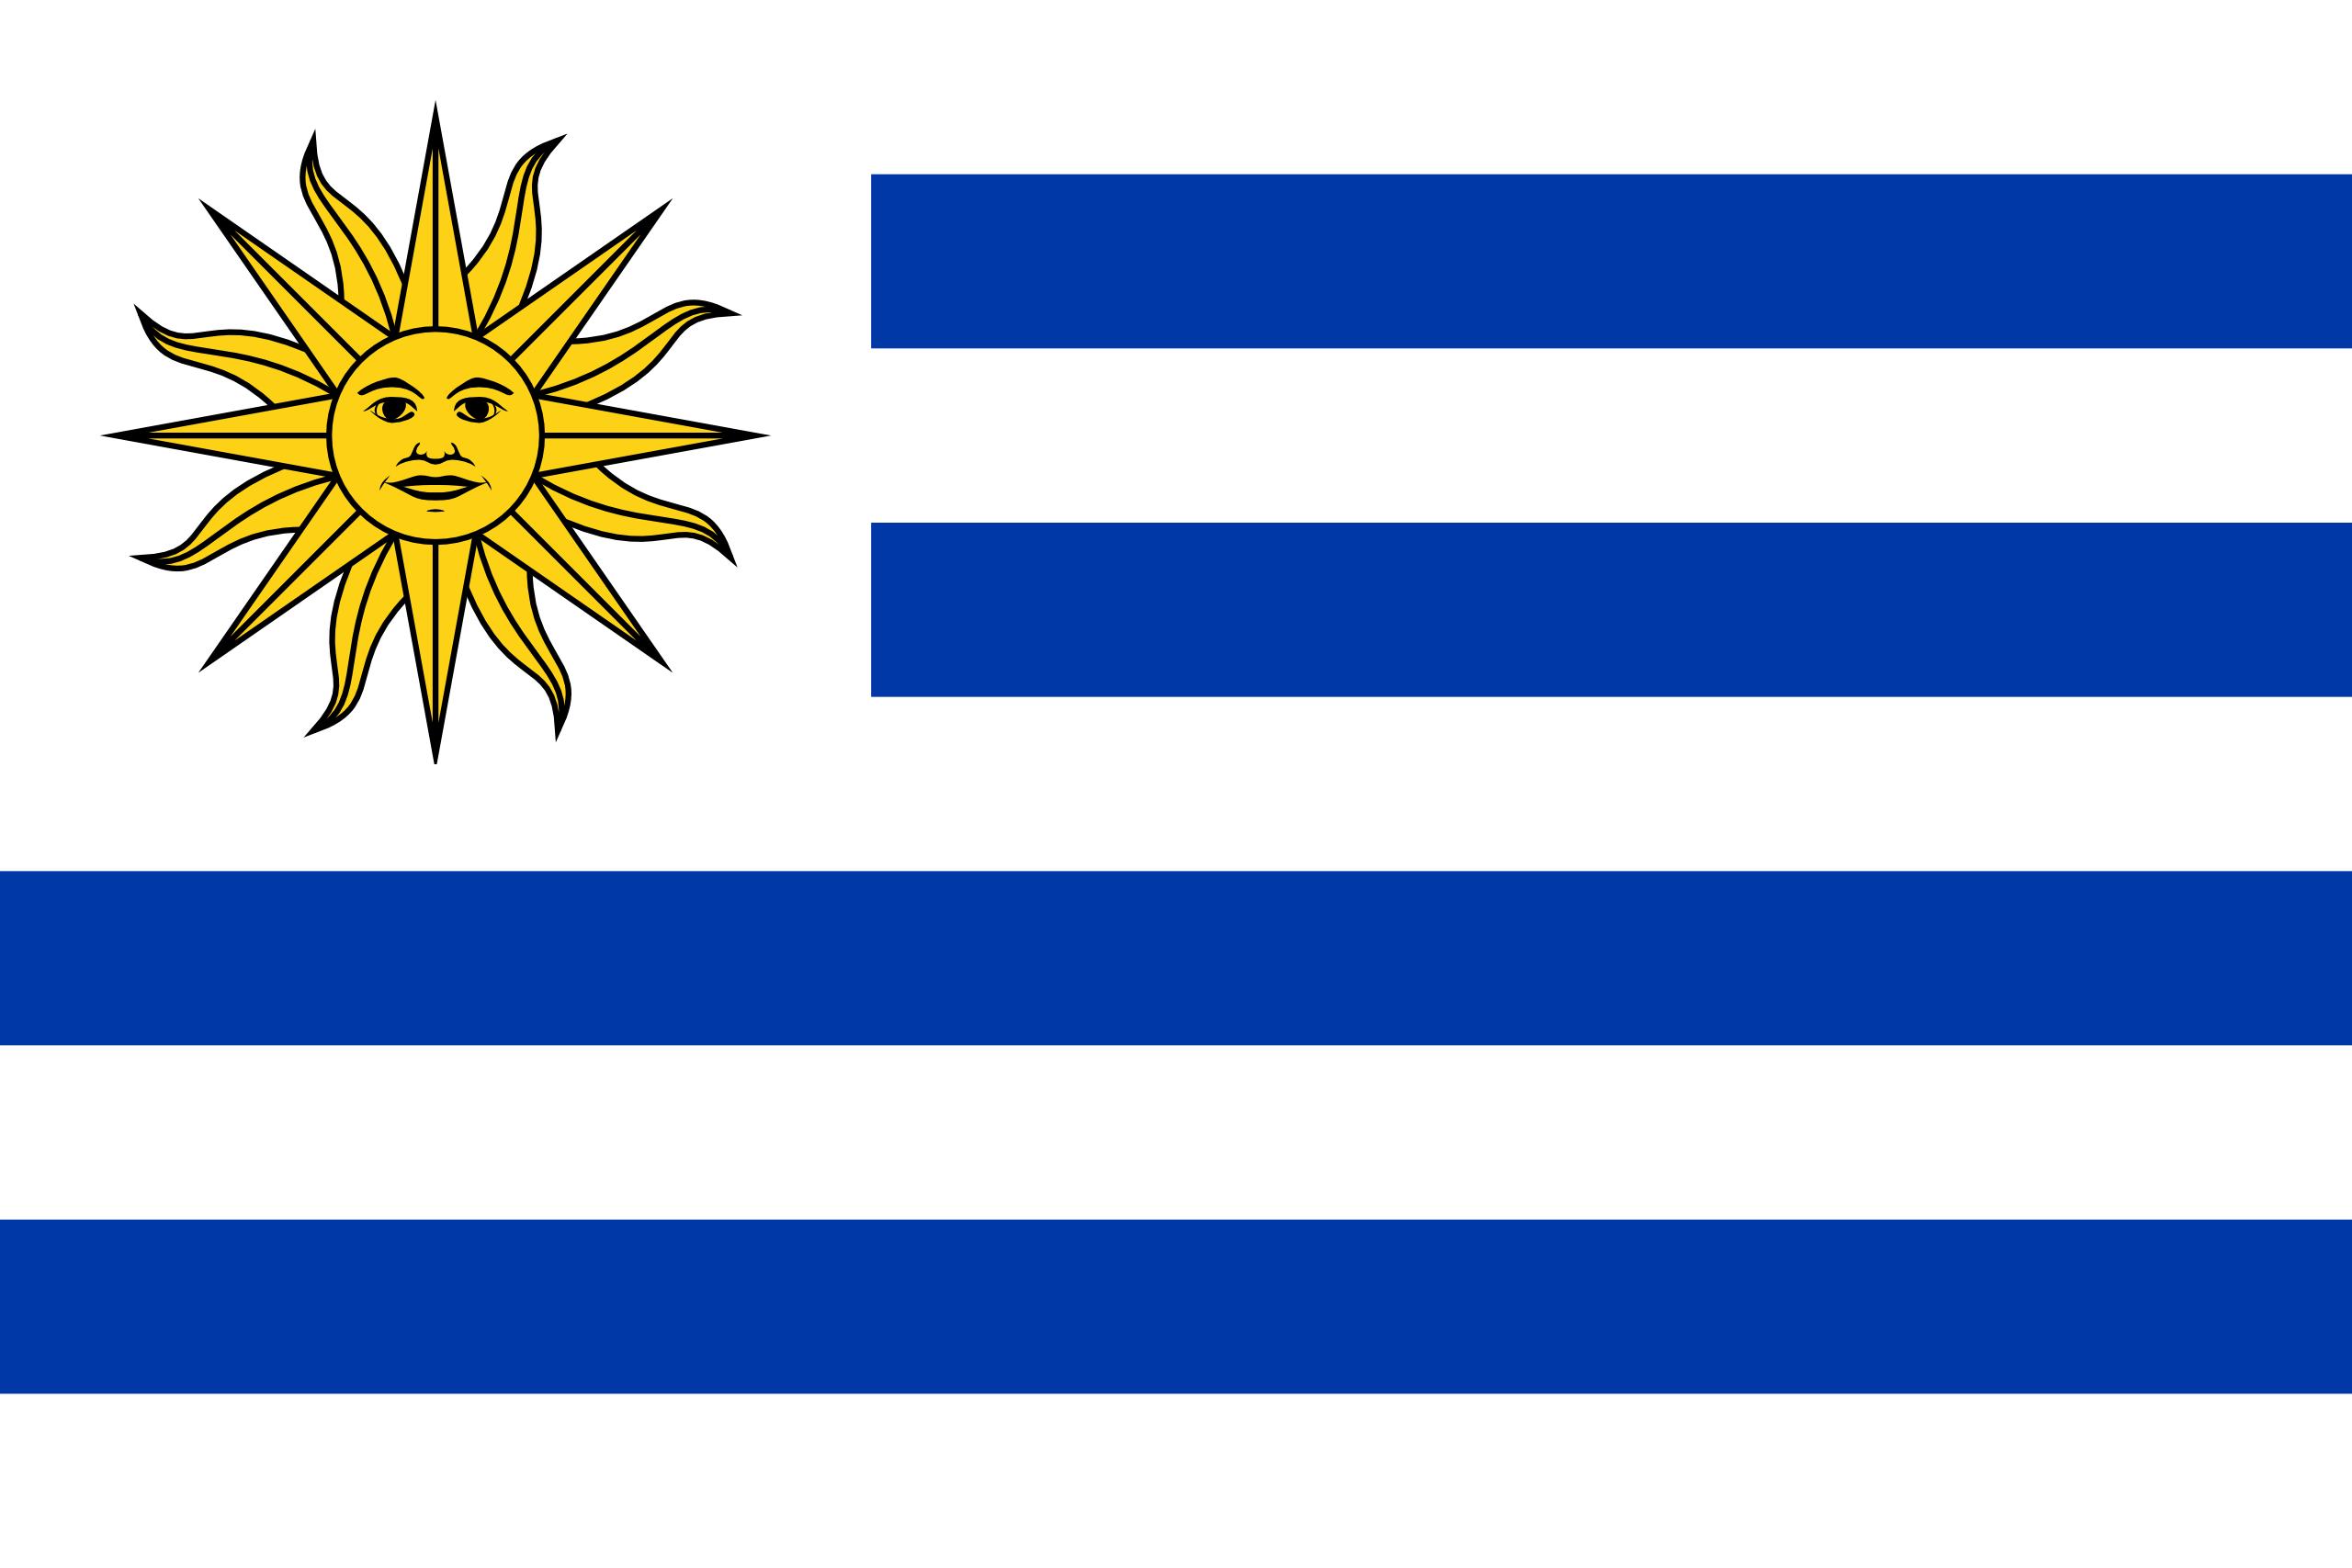 uruguay, país, emblema, insignia, símbolo - Fondos de Pantalla HD - professor-falken.com